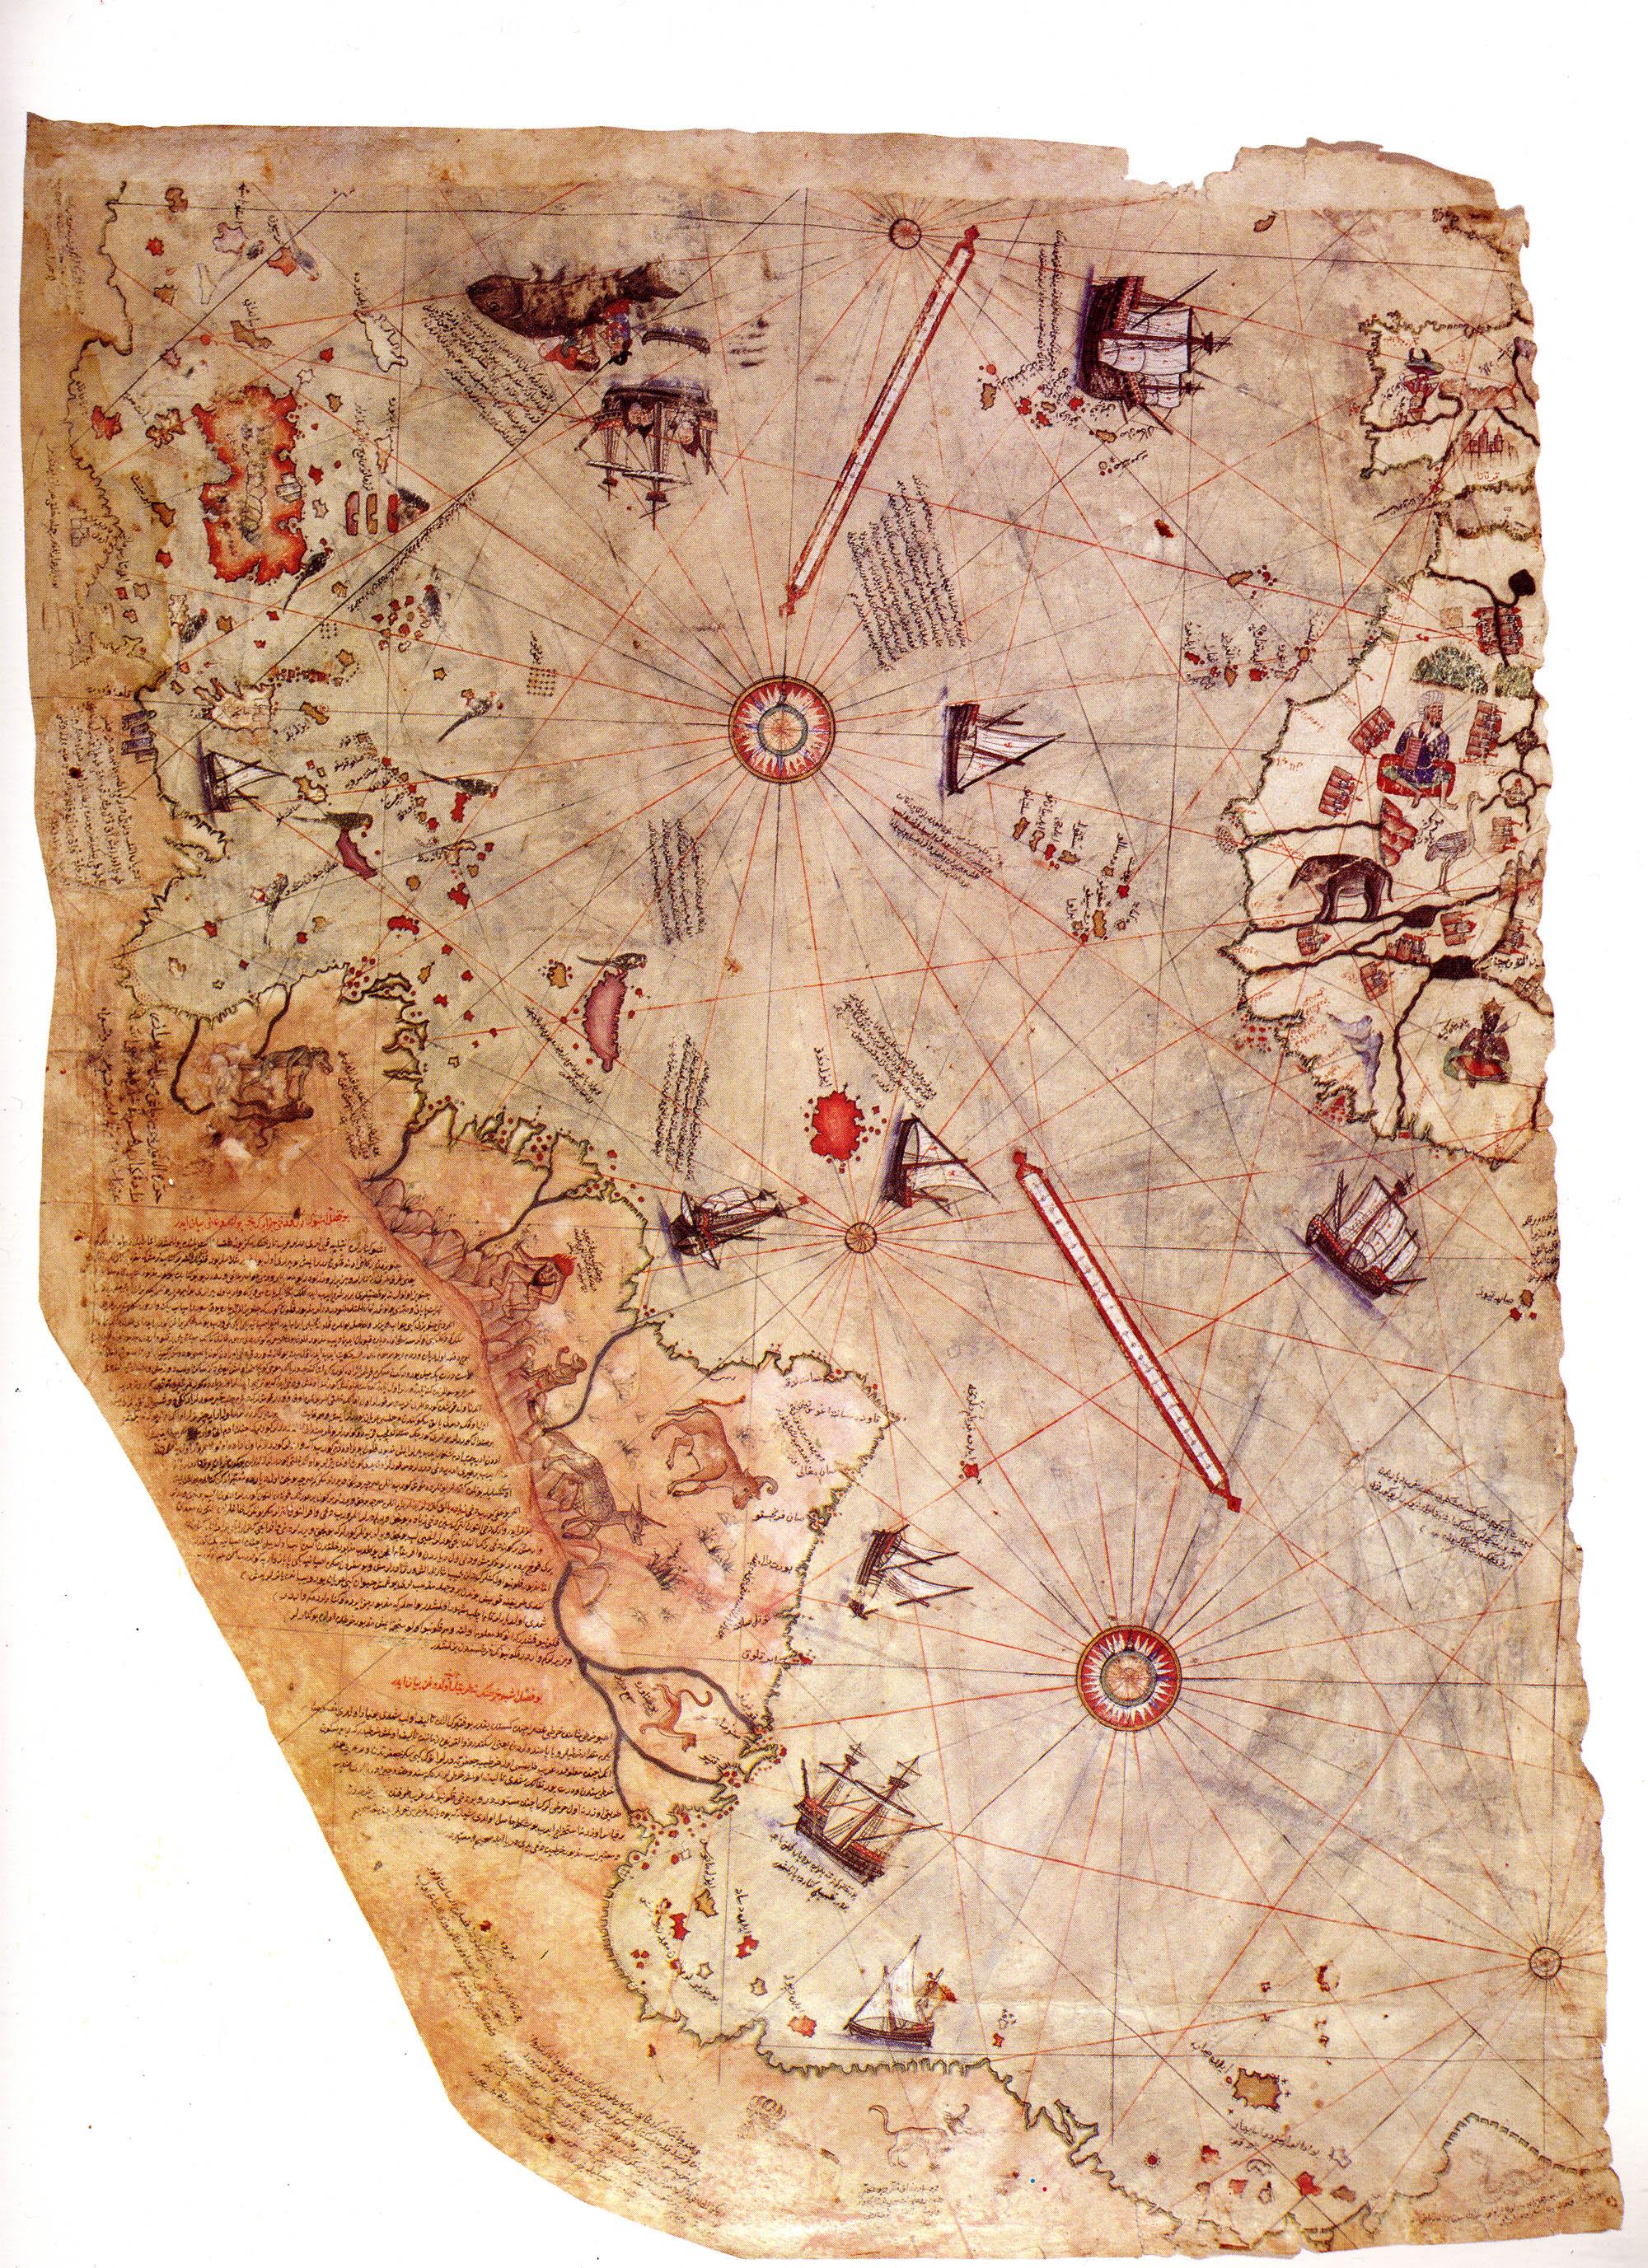 Карта адмирала Пири